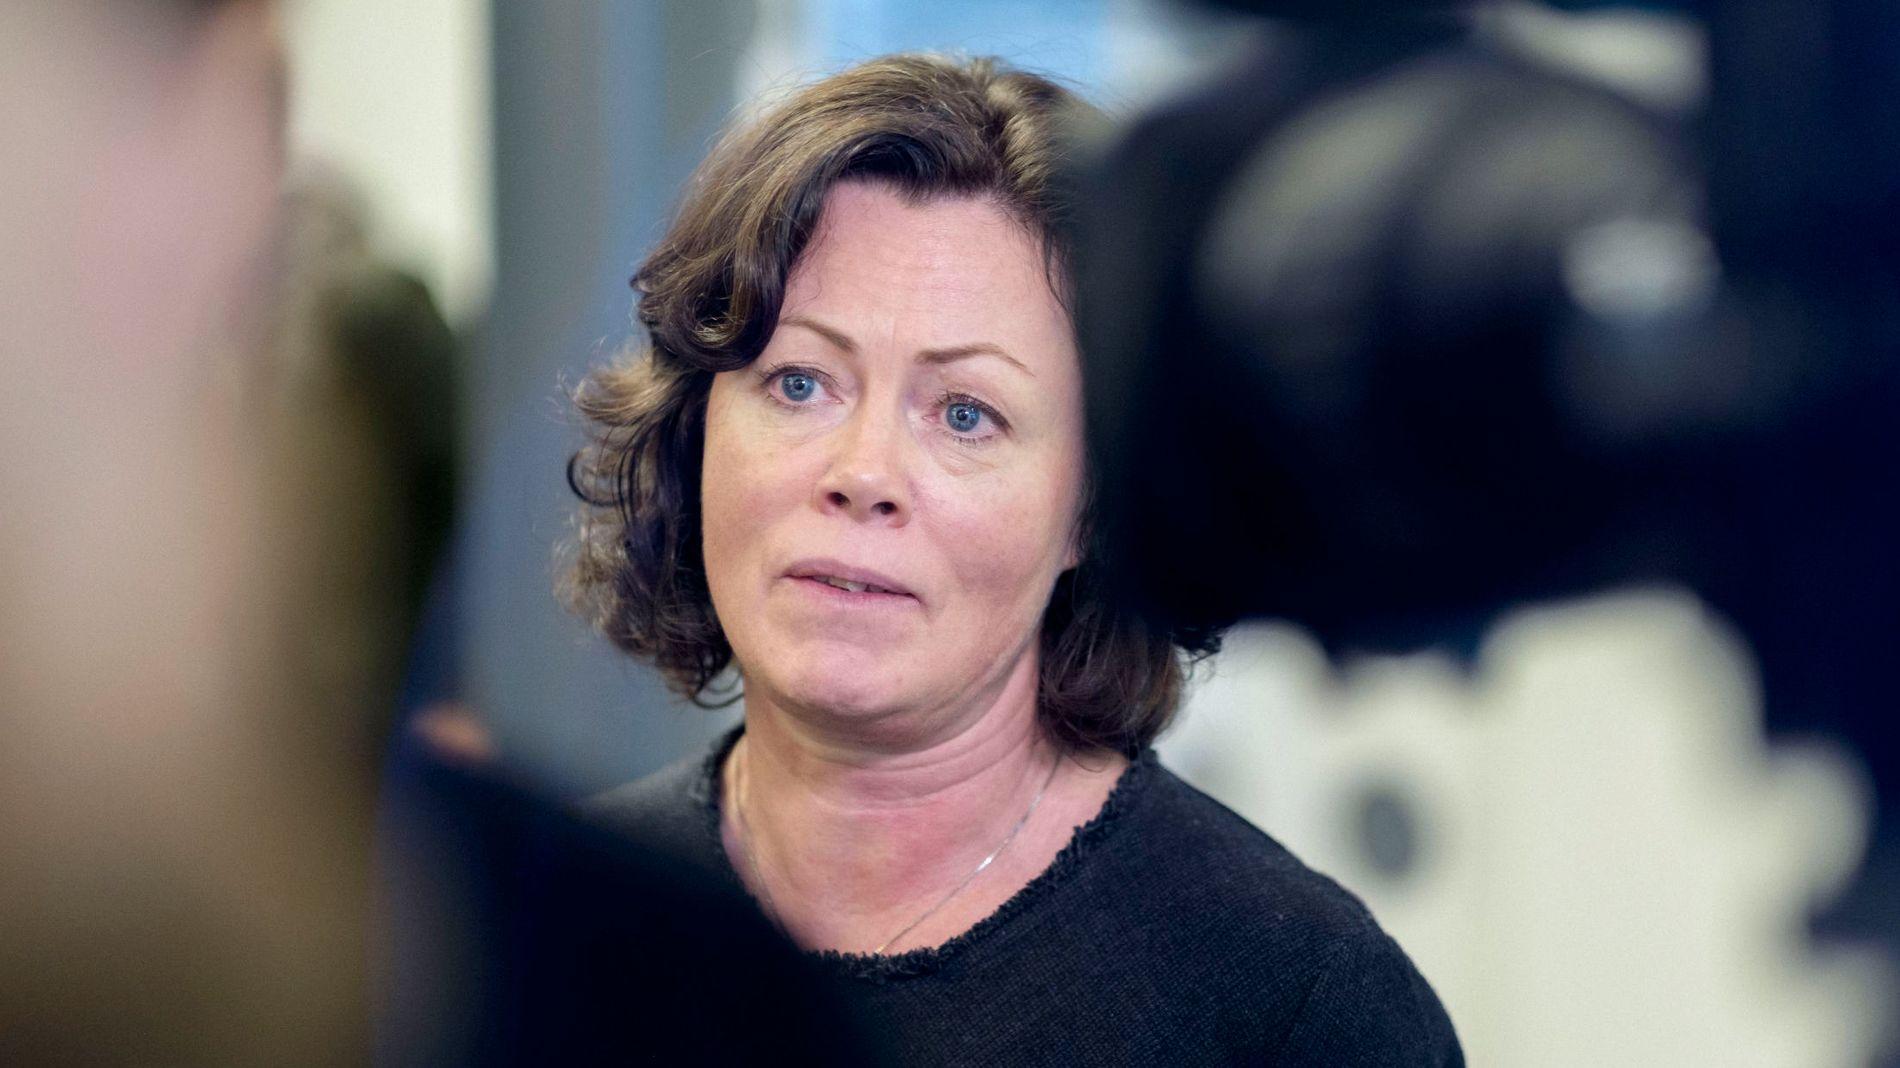 VIL STRAMME INN: Det er for lett å ta opp mye forbrukslån, og markedsføringen er for aggressiv, mener barne- og likestillingsminister Solveig Horne (Frp), som har ansvar for forbrukeres rettigheter.